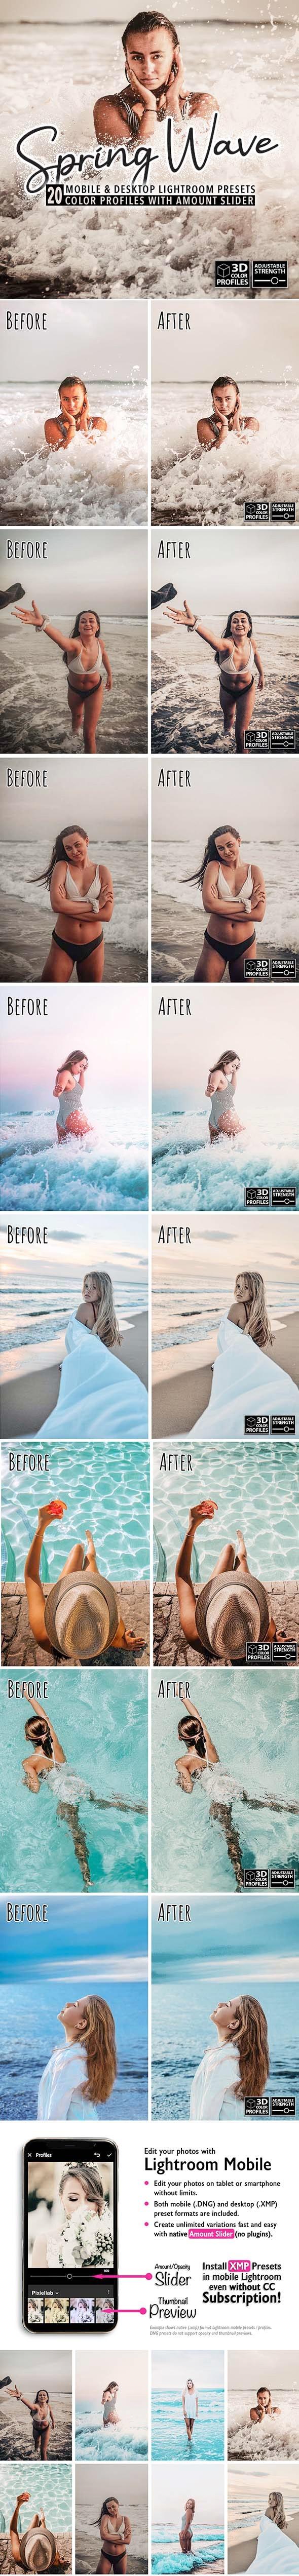 20 Spring Wave Lightroom Presets - Lightroom Presets Add-ons